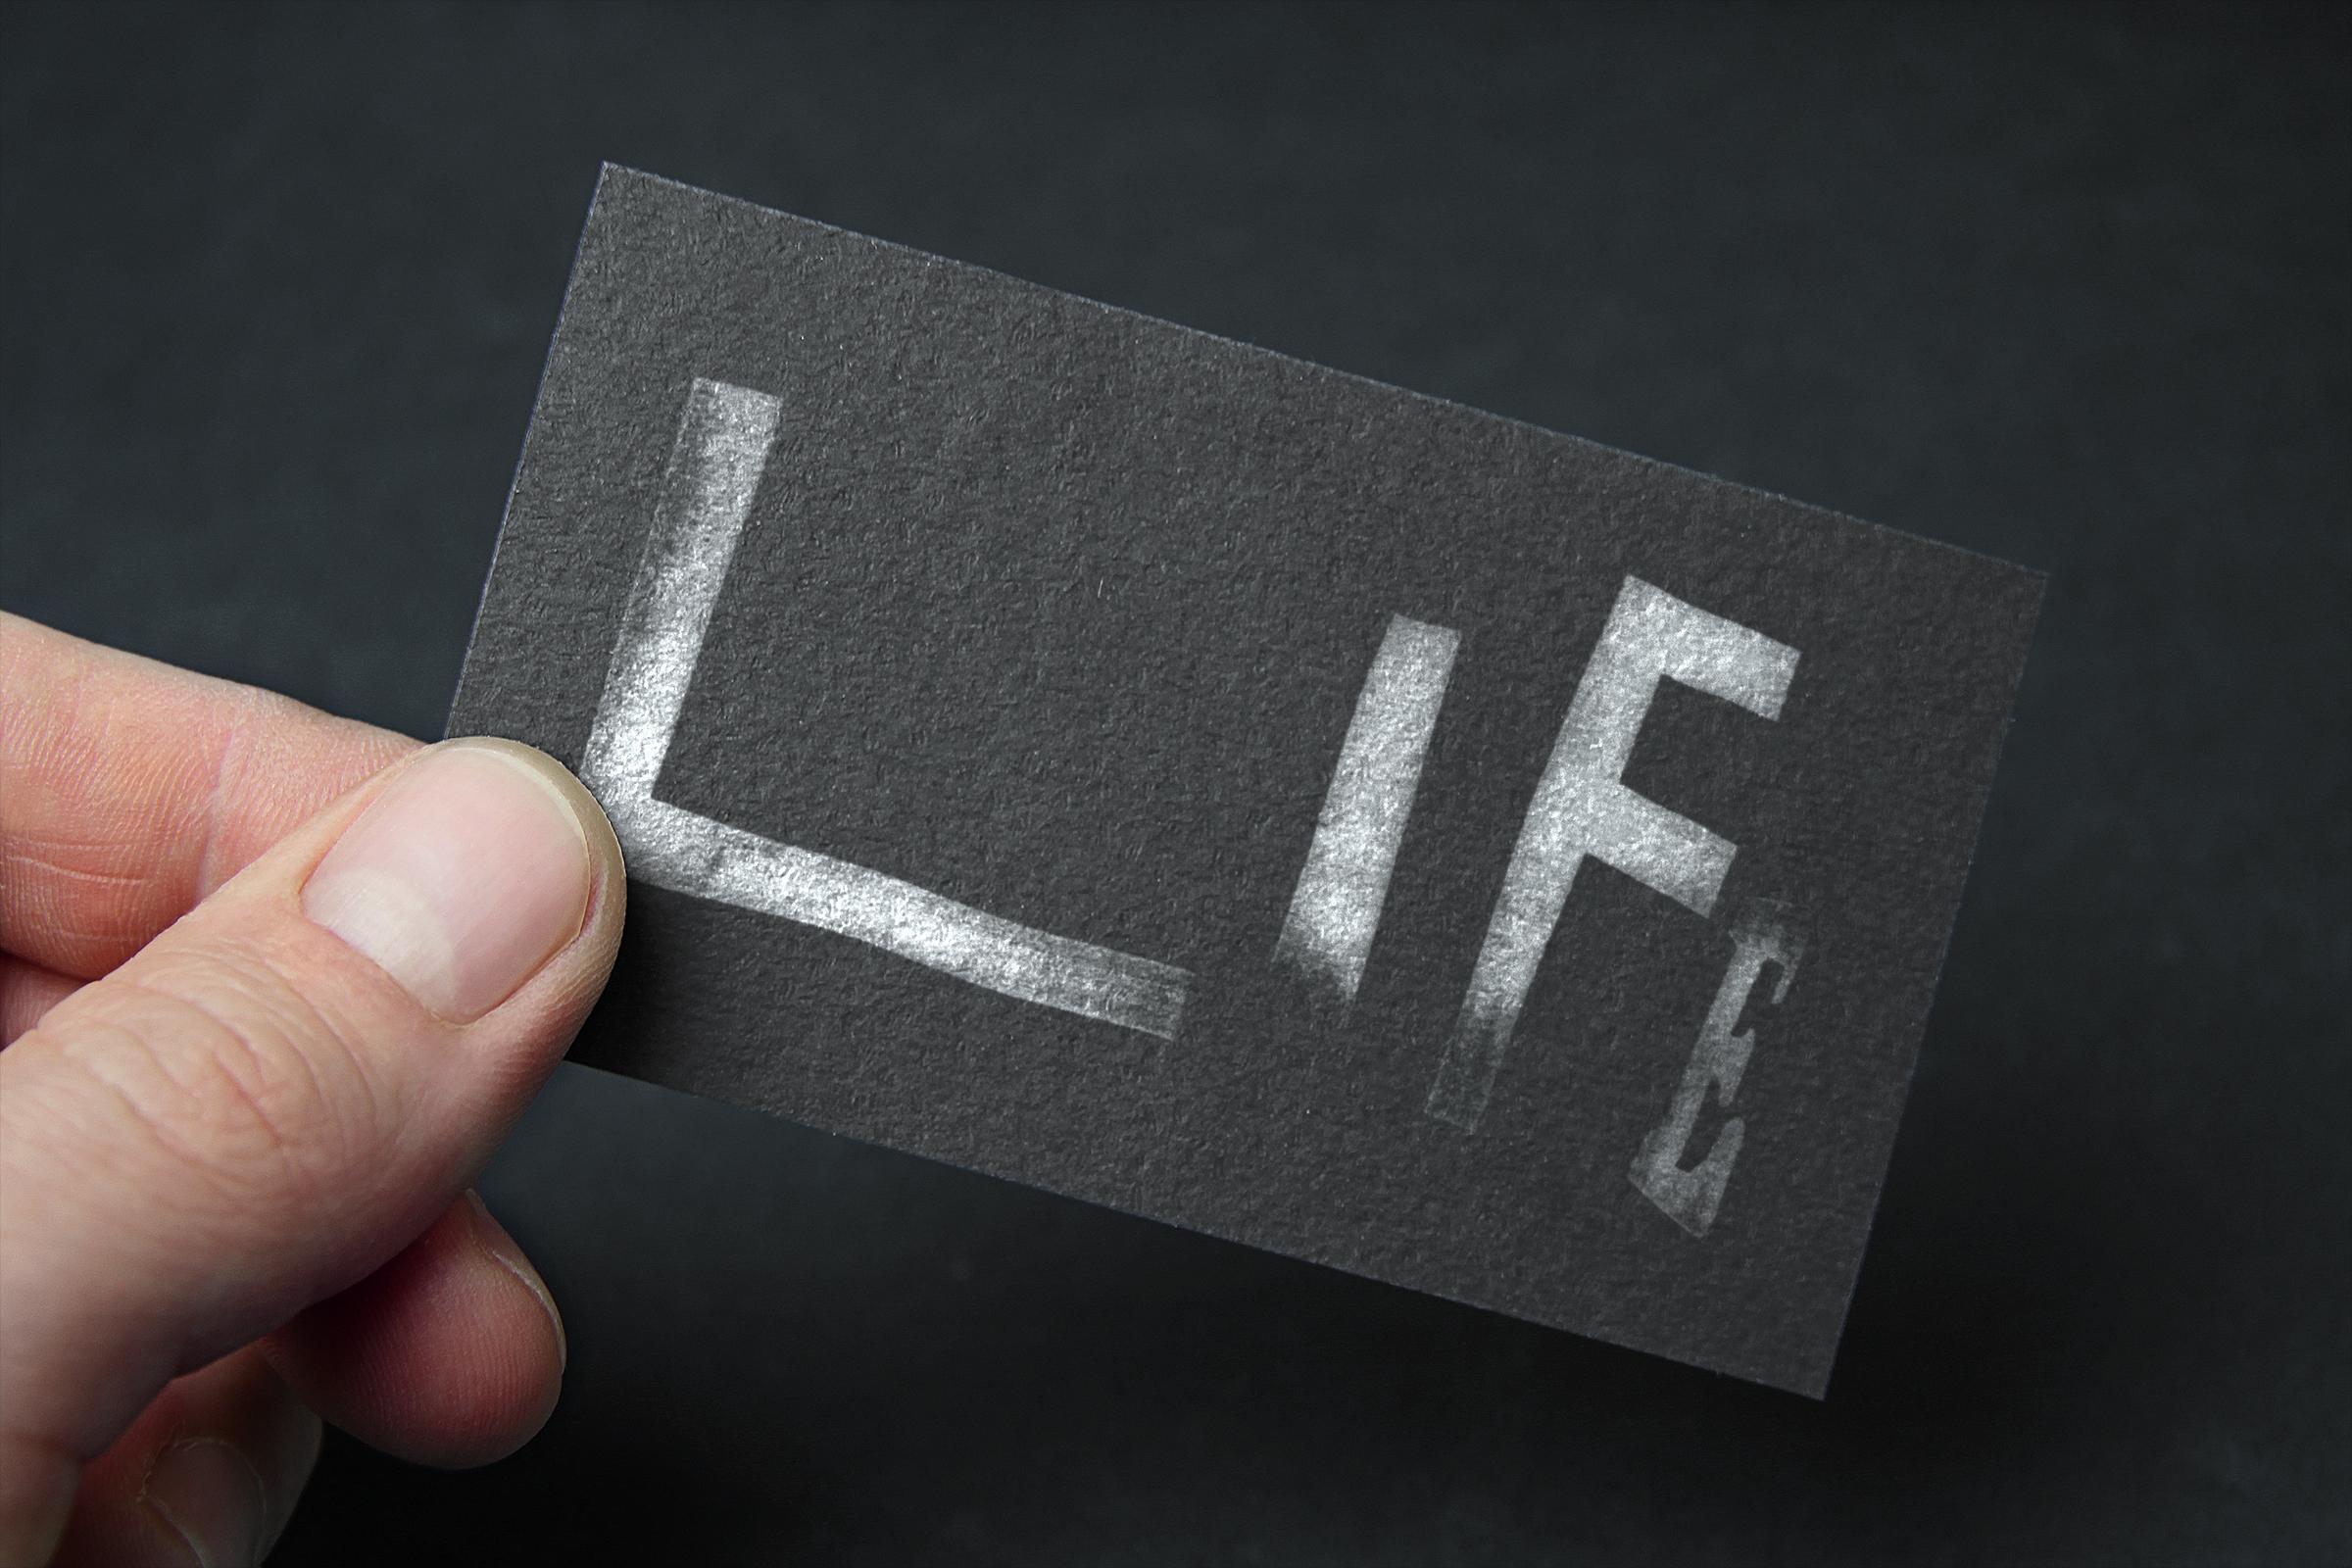 3D_life_card_2400w.jpg